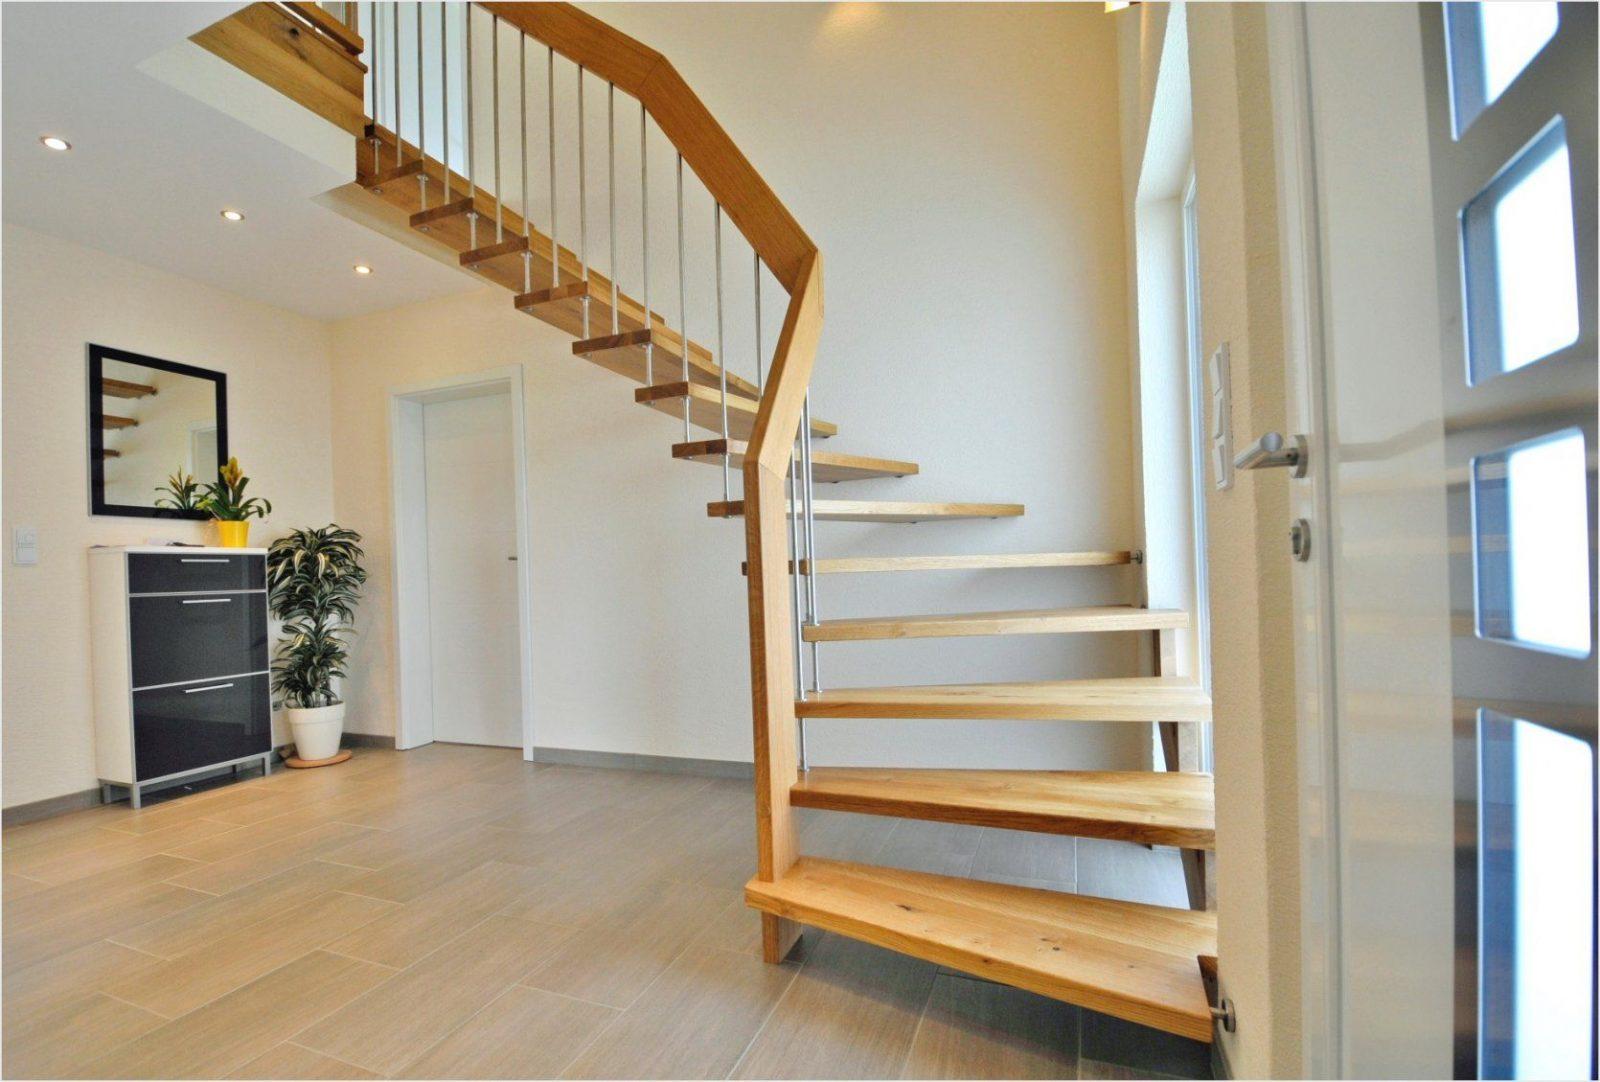 Stilvolle Einzigartig Holztreppen Aus Polen Preis Haus Design Ideen von Treppen Aus Polen Kosten Photo